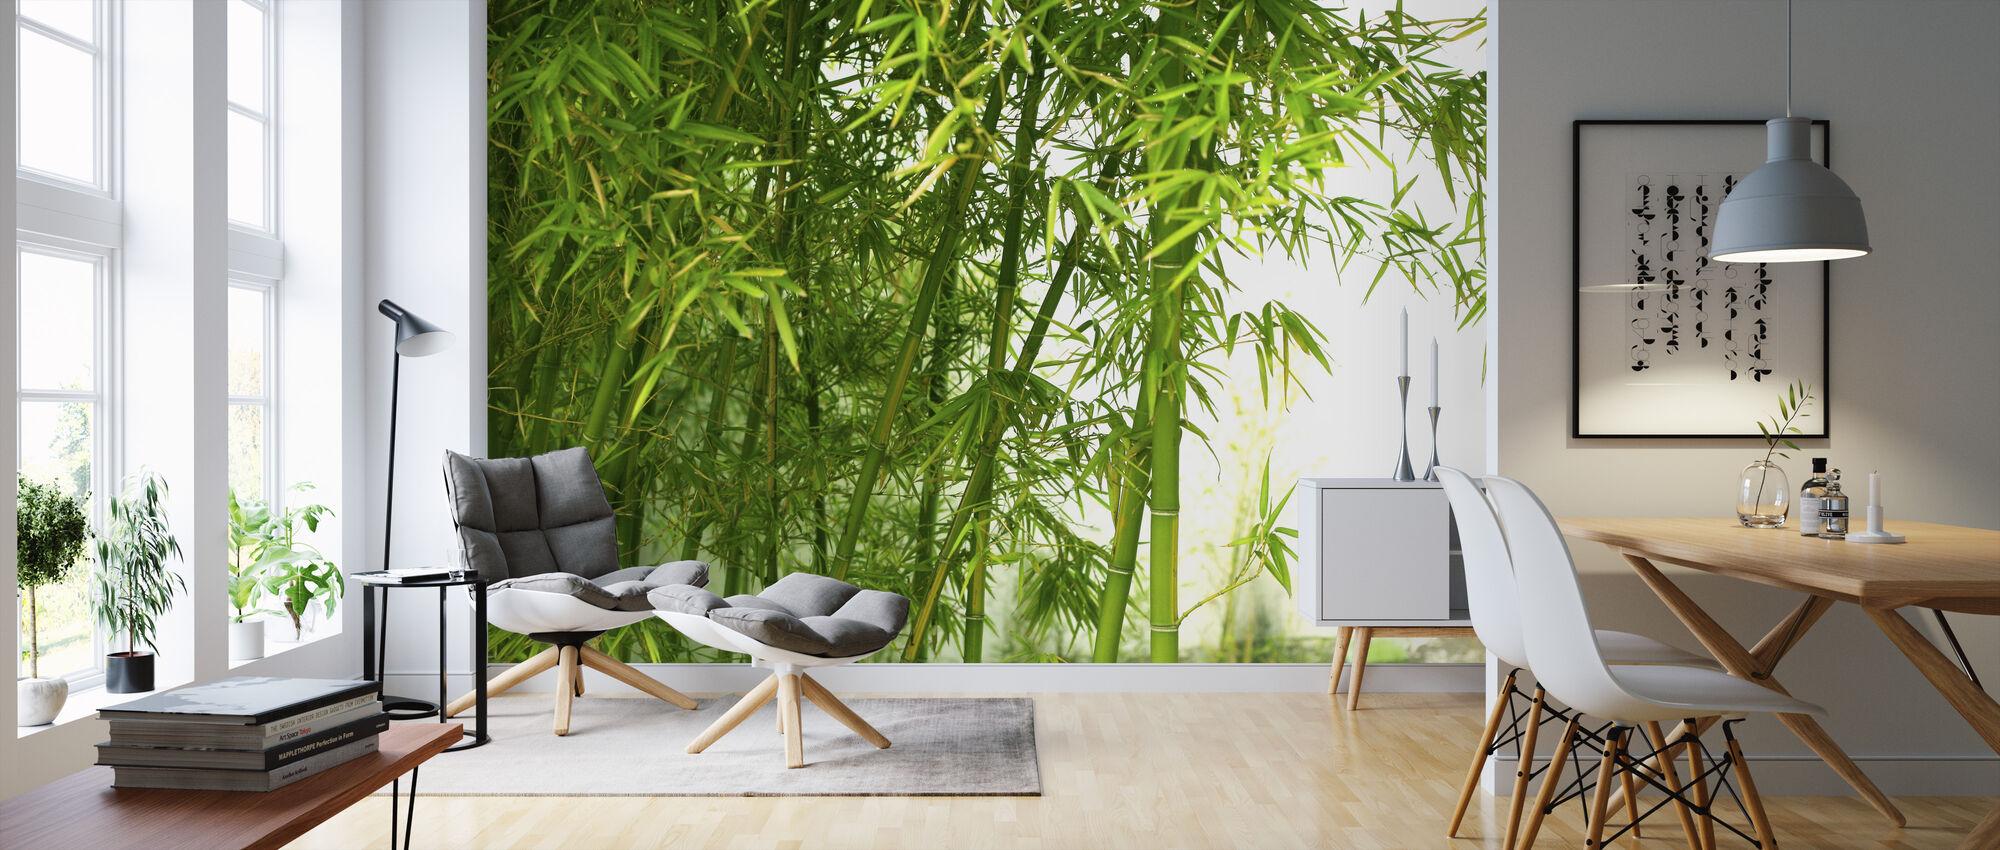 Mooie Bamboe - Behang - Woonkamer